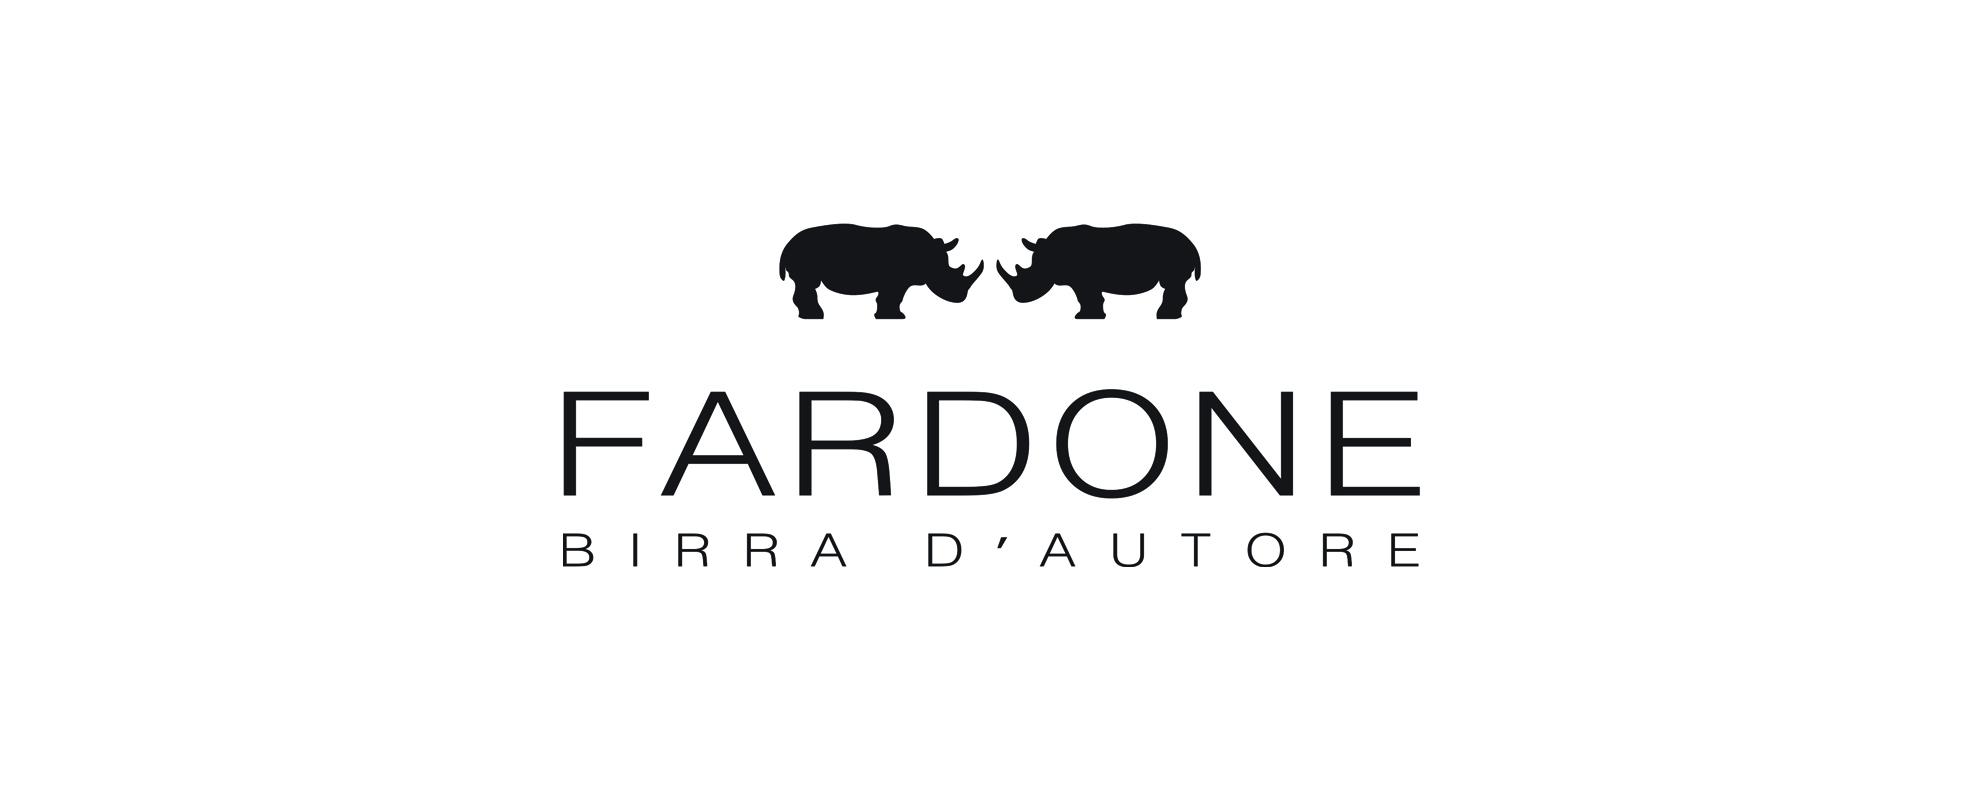 FARDONE